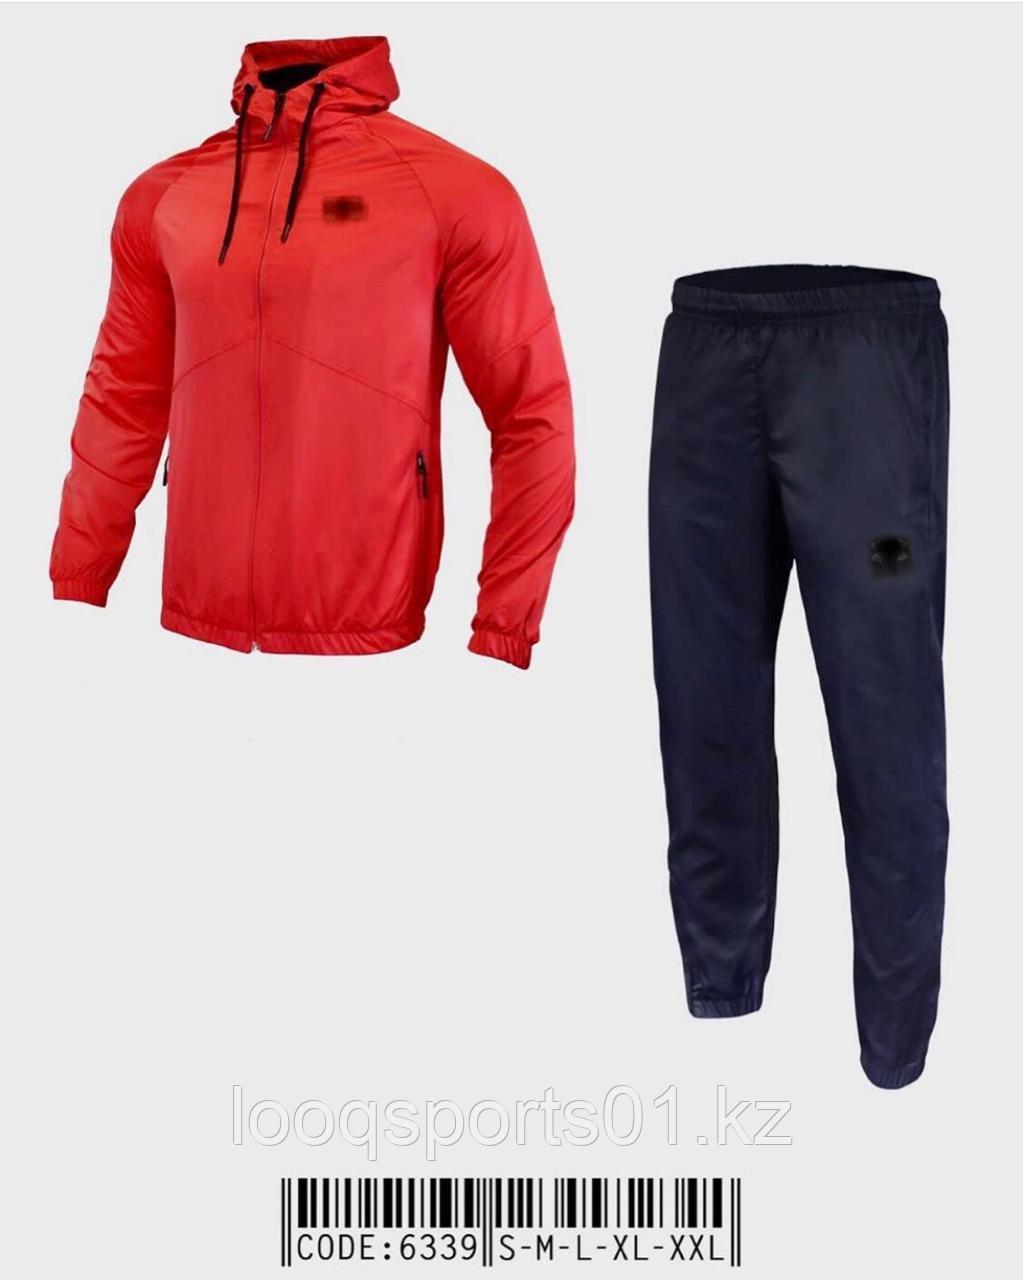 Мужские спортивные костюмы Турция размер (M)